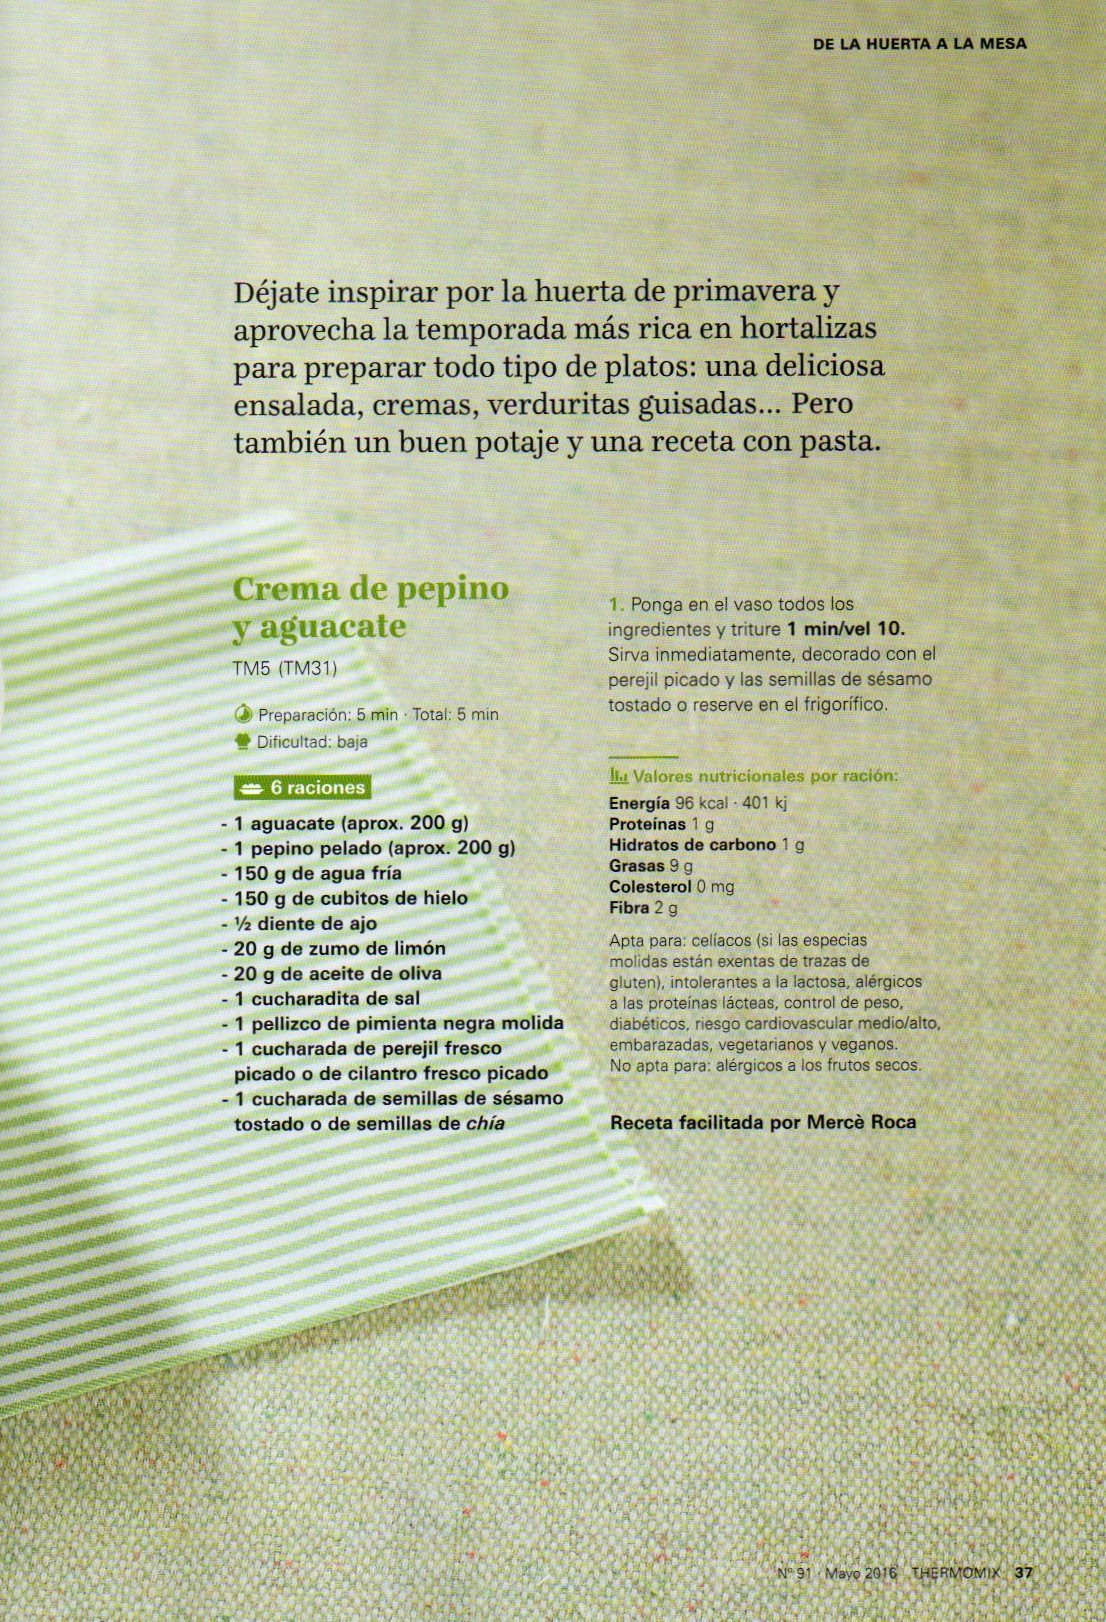 CREMA FRÍA DE PEPINO Y AGUACATE / CREMA FREDA DE COGOMBRE I ALVOCAT